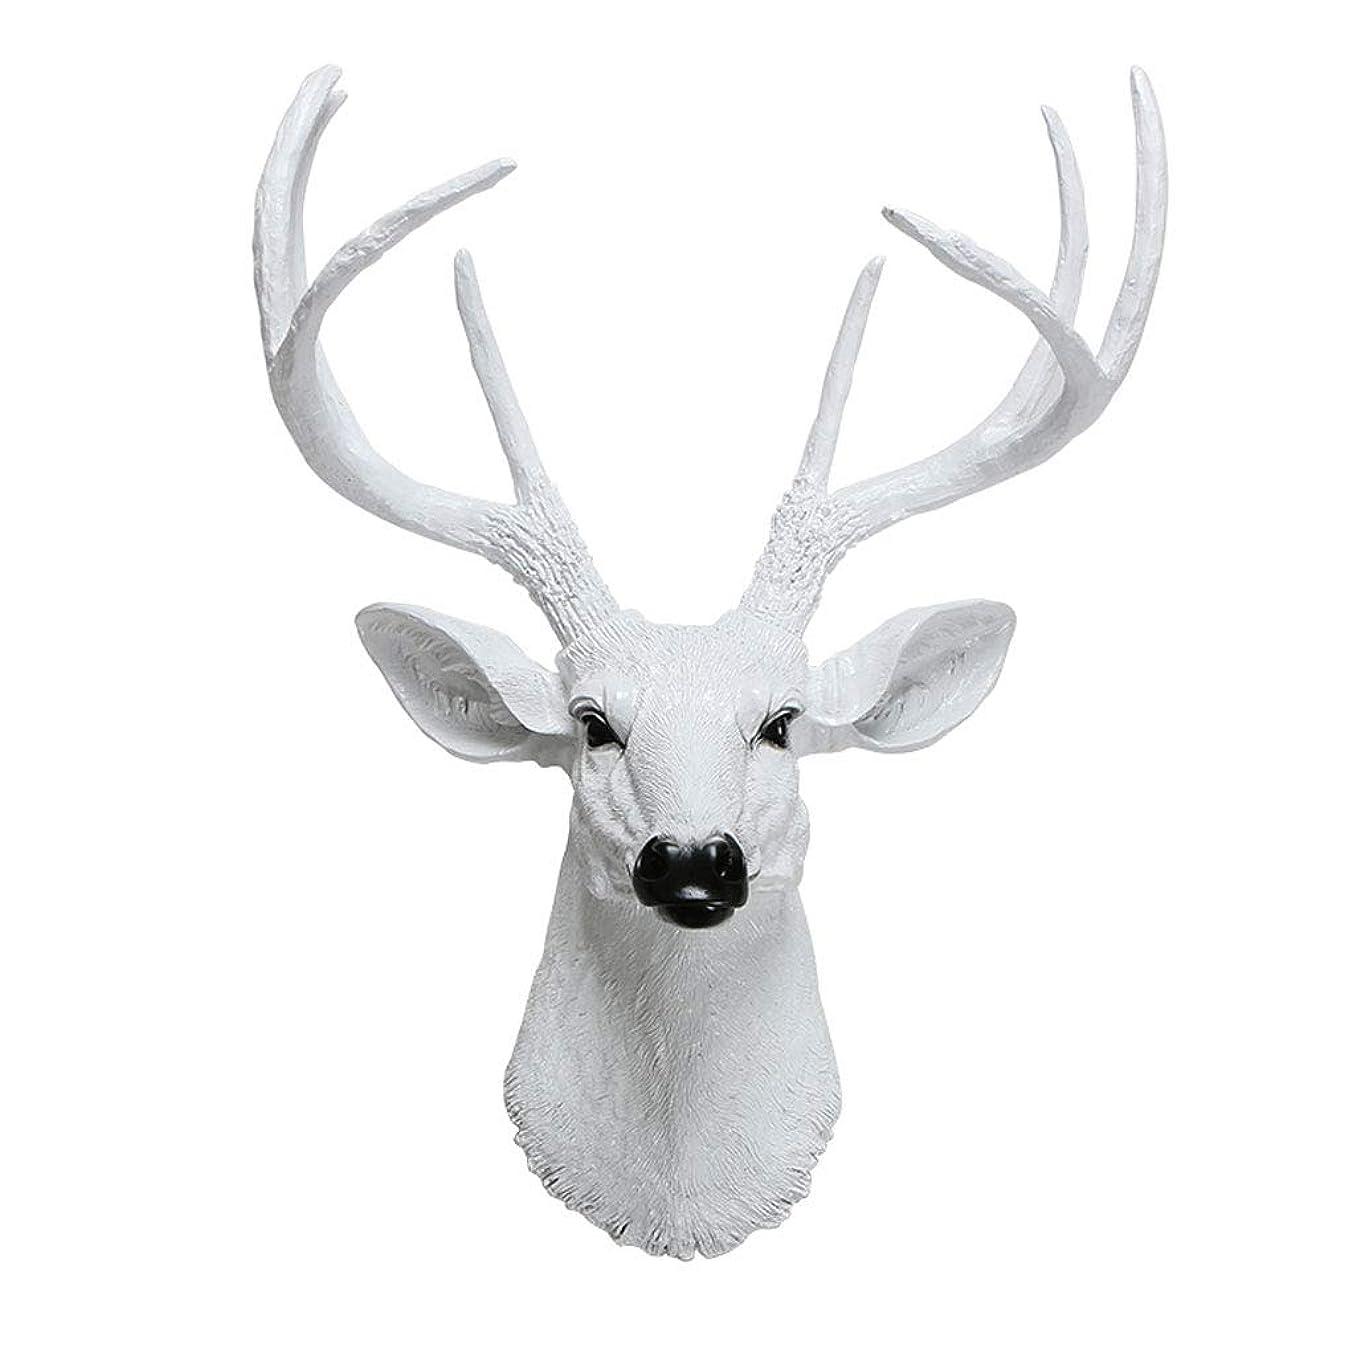 直径魂印をつけるウォールデコレーションペンダントバーバーバーショップオープニングホワイト36.5 * 59センチメートル樹脂 ZHAOSHUNLI